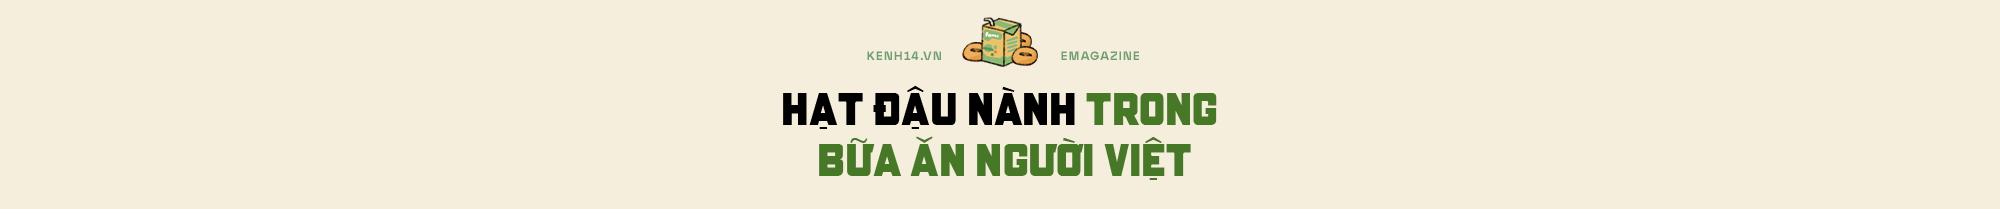 Hạt vàng đậu nành và những giá trị theo cùng sức khỏe người Việt - Ảnh 5.